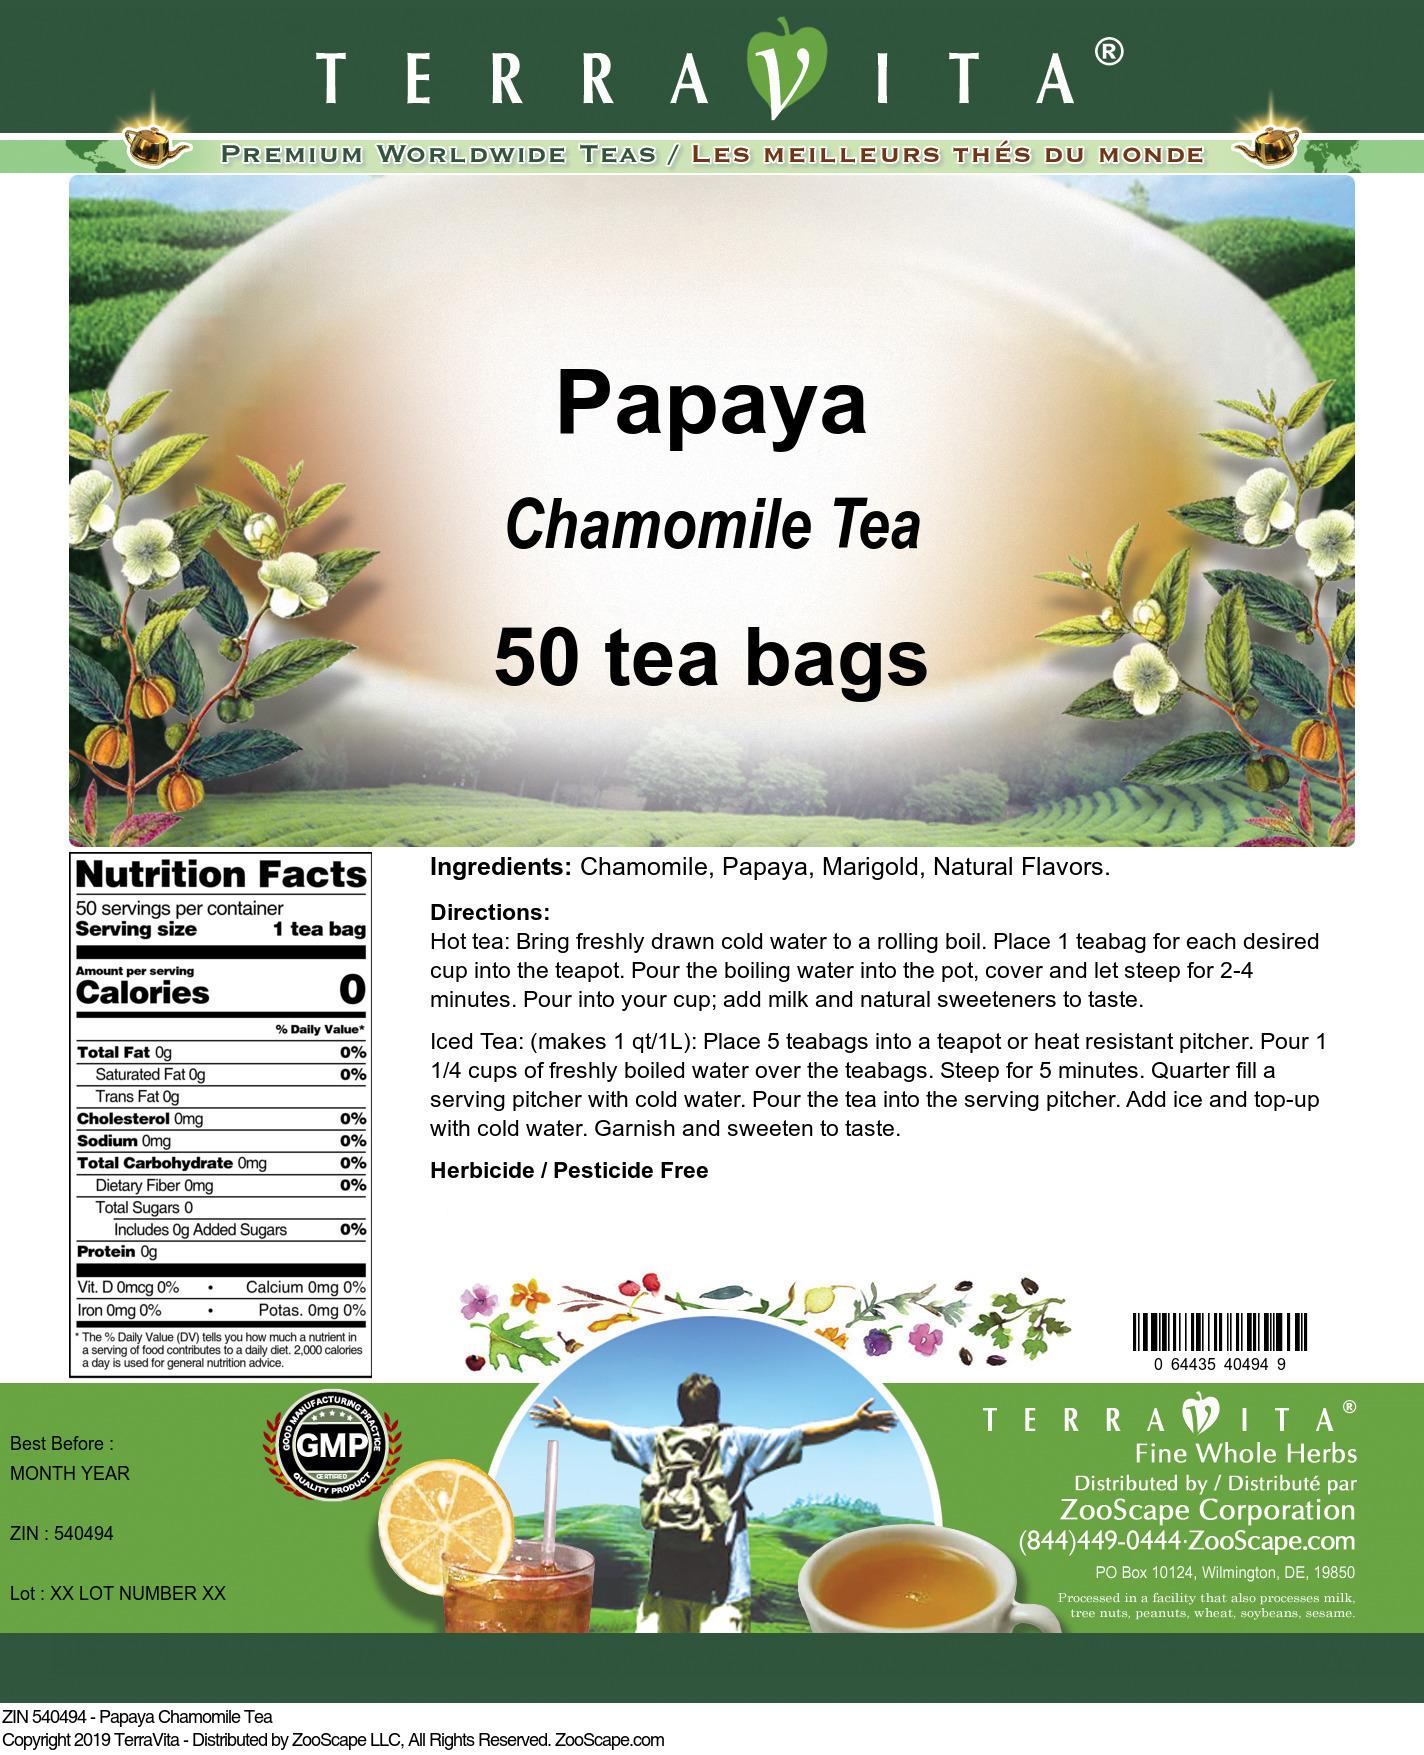 Papaya Chamomile Tea